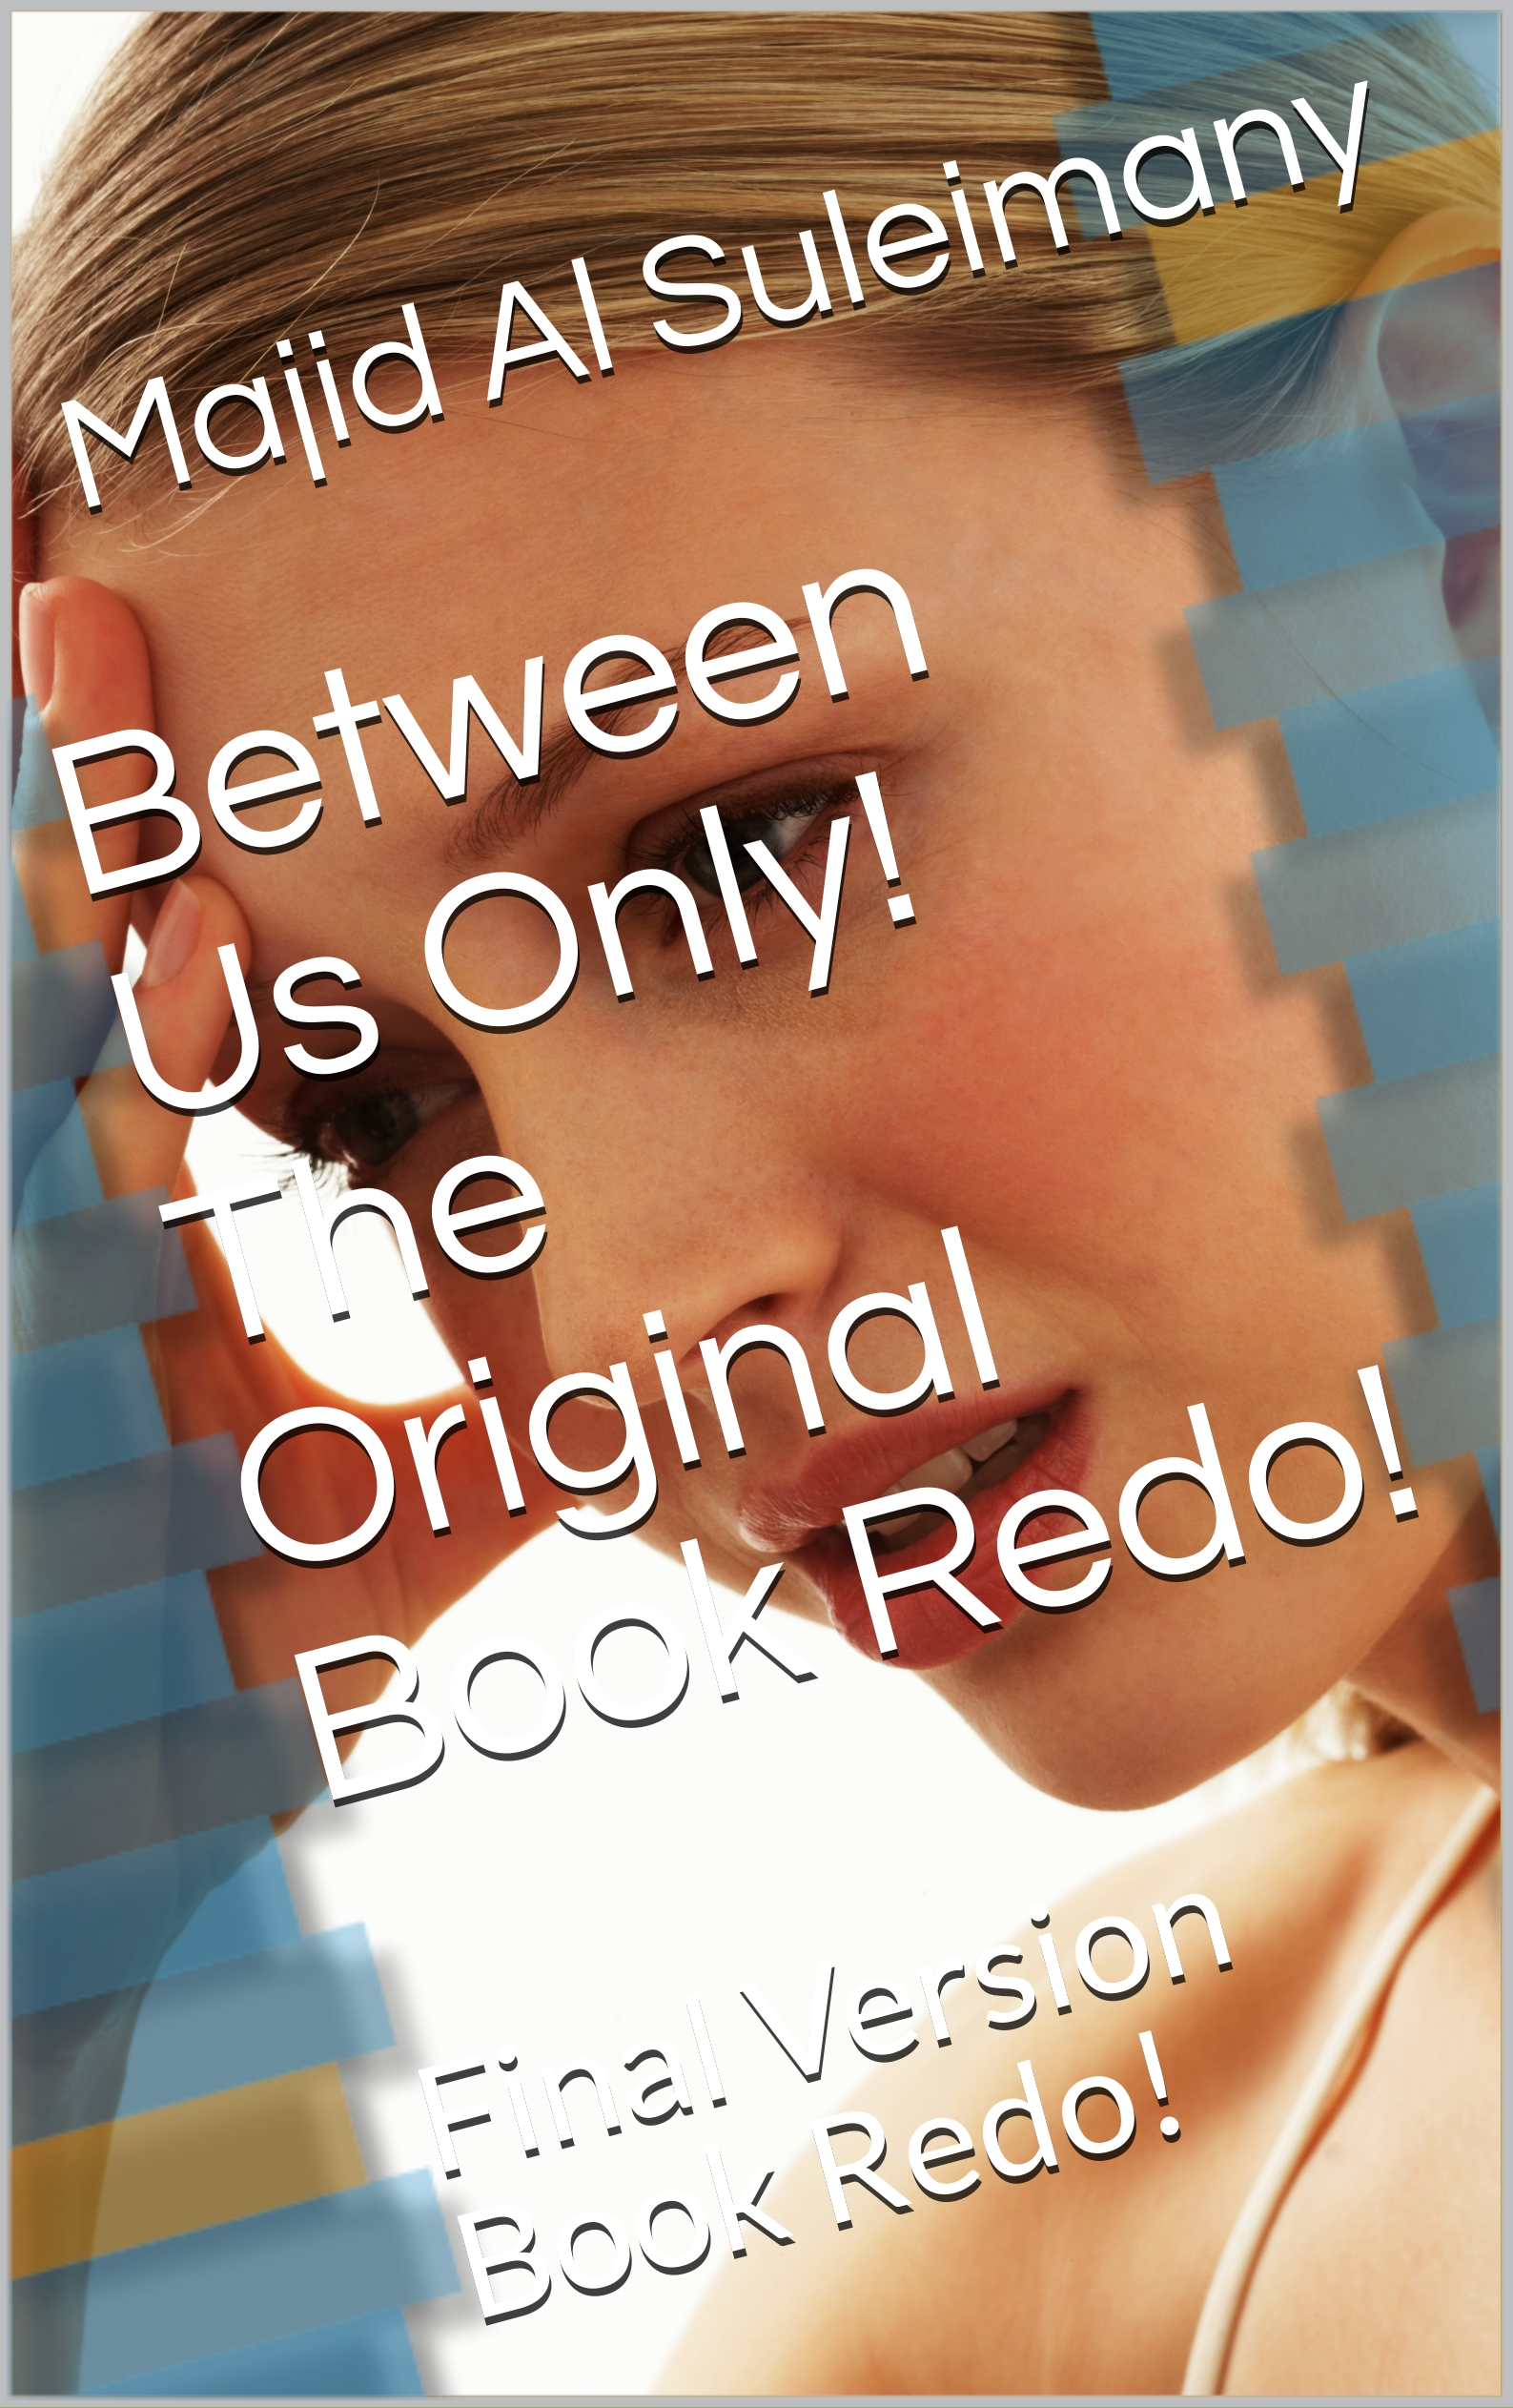 o you say ebook or ebook